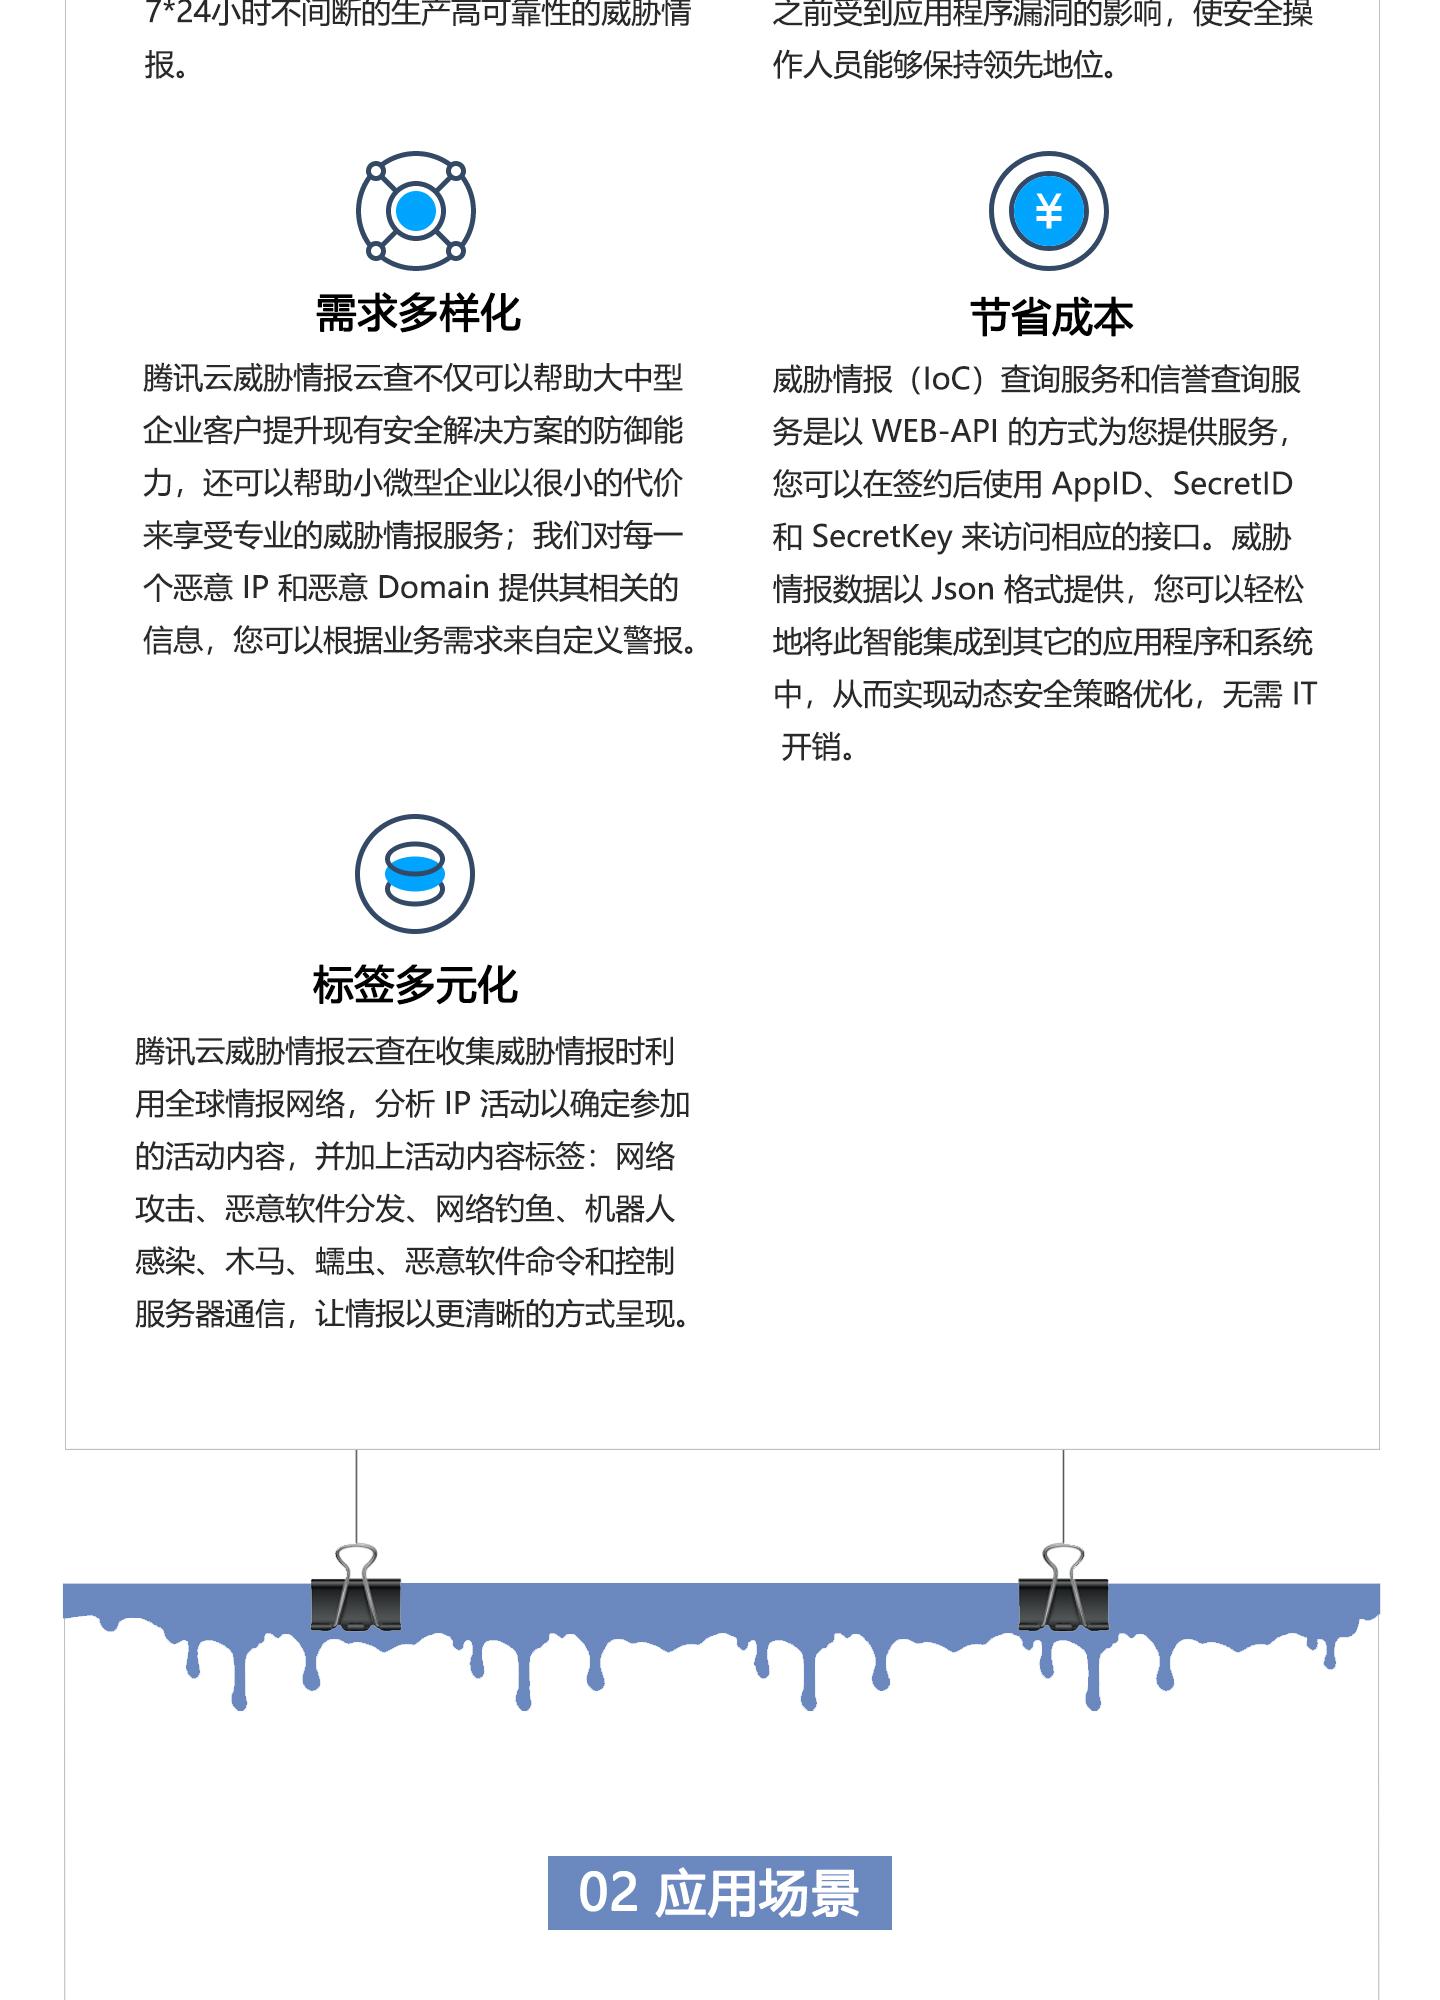 T-Sec-威胁情报云查服务1440_02.jpg